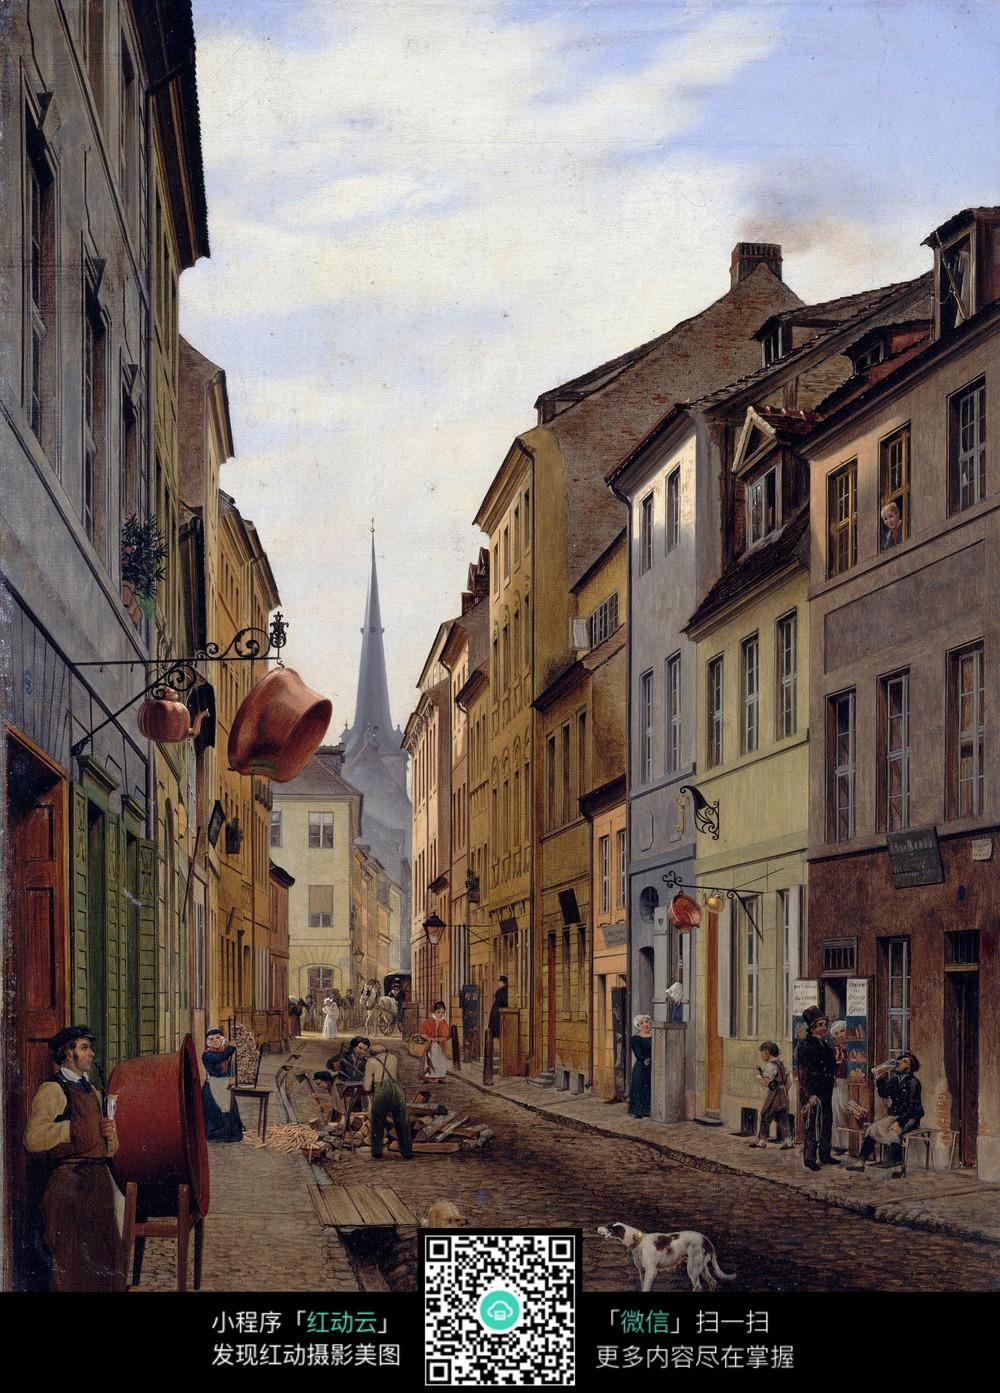 一点透视小镇街道手绘图